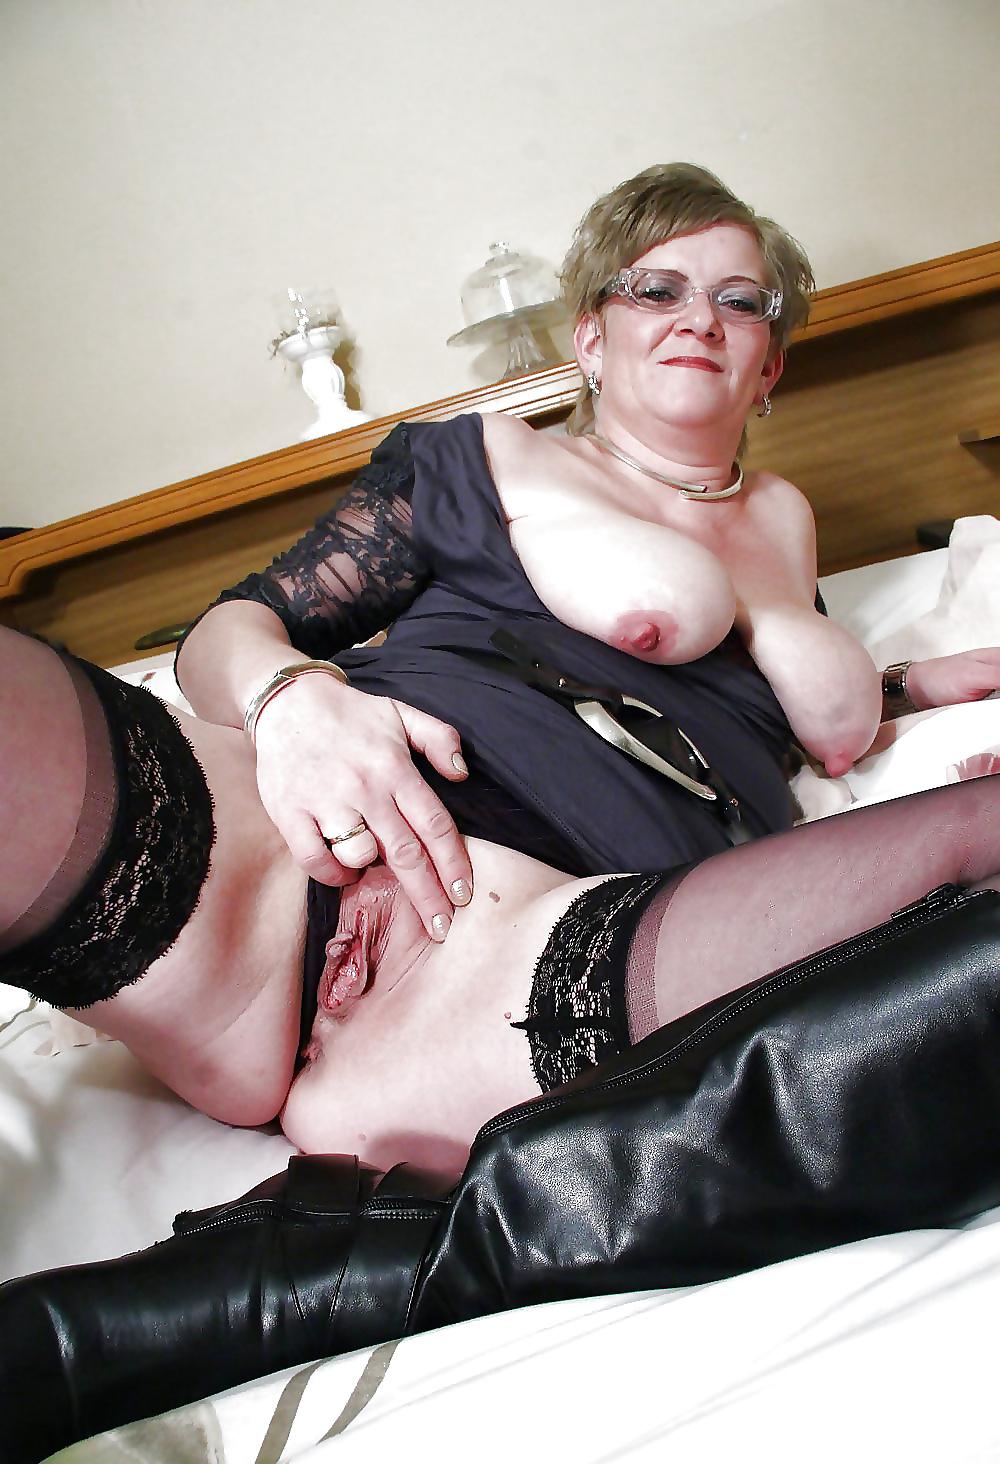 Anal orgasm busty uniform